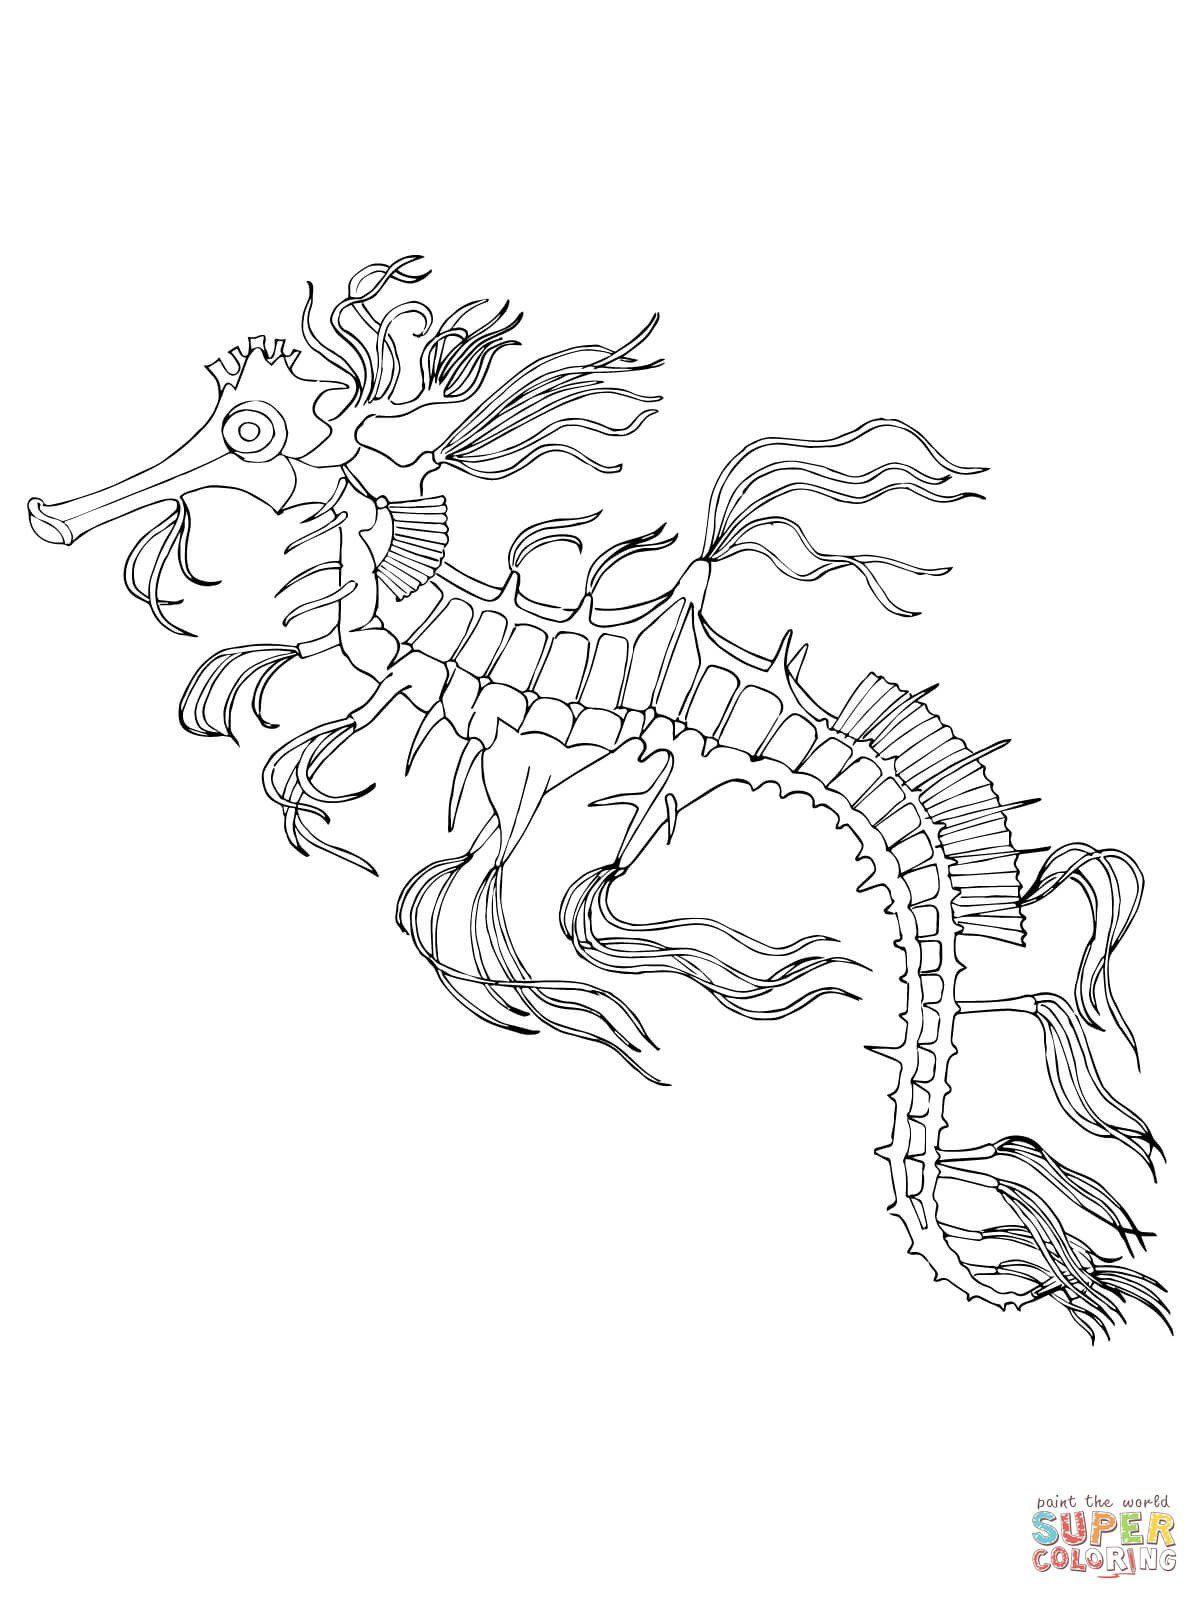 Realistic Dragon Coloring Page Sea Dragon Coloring Page Leafy Seadragon Coloring Page Free Dragon Coloring Page Coloring Pages Coloring Sheets For Boys